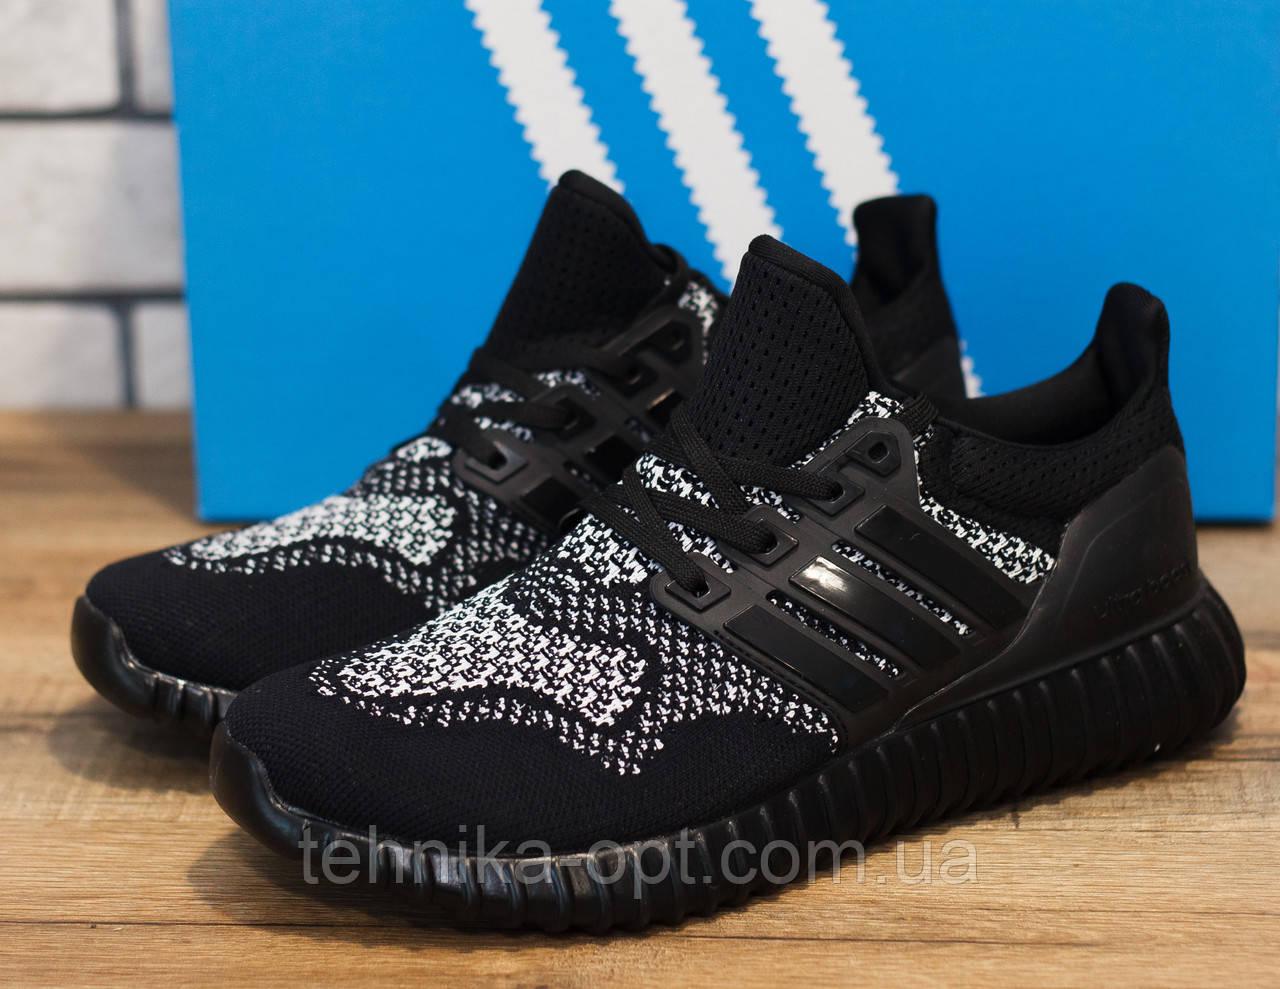 Кроссовки мужские Adidas Ultra Boost 30899 адидас буст обувь Реплика